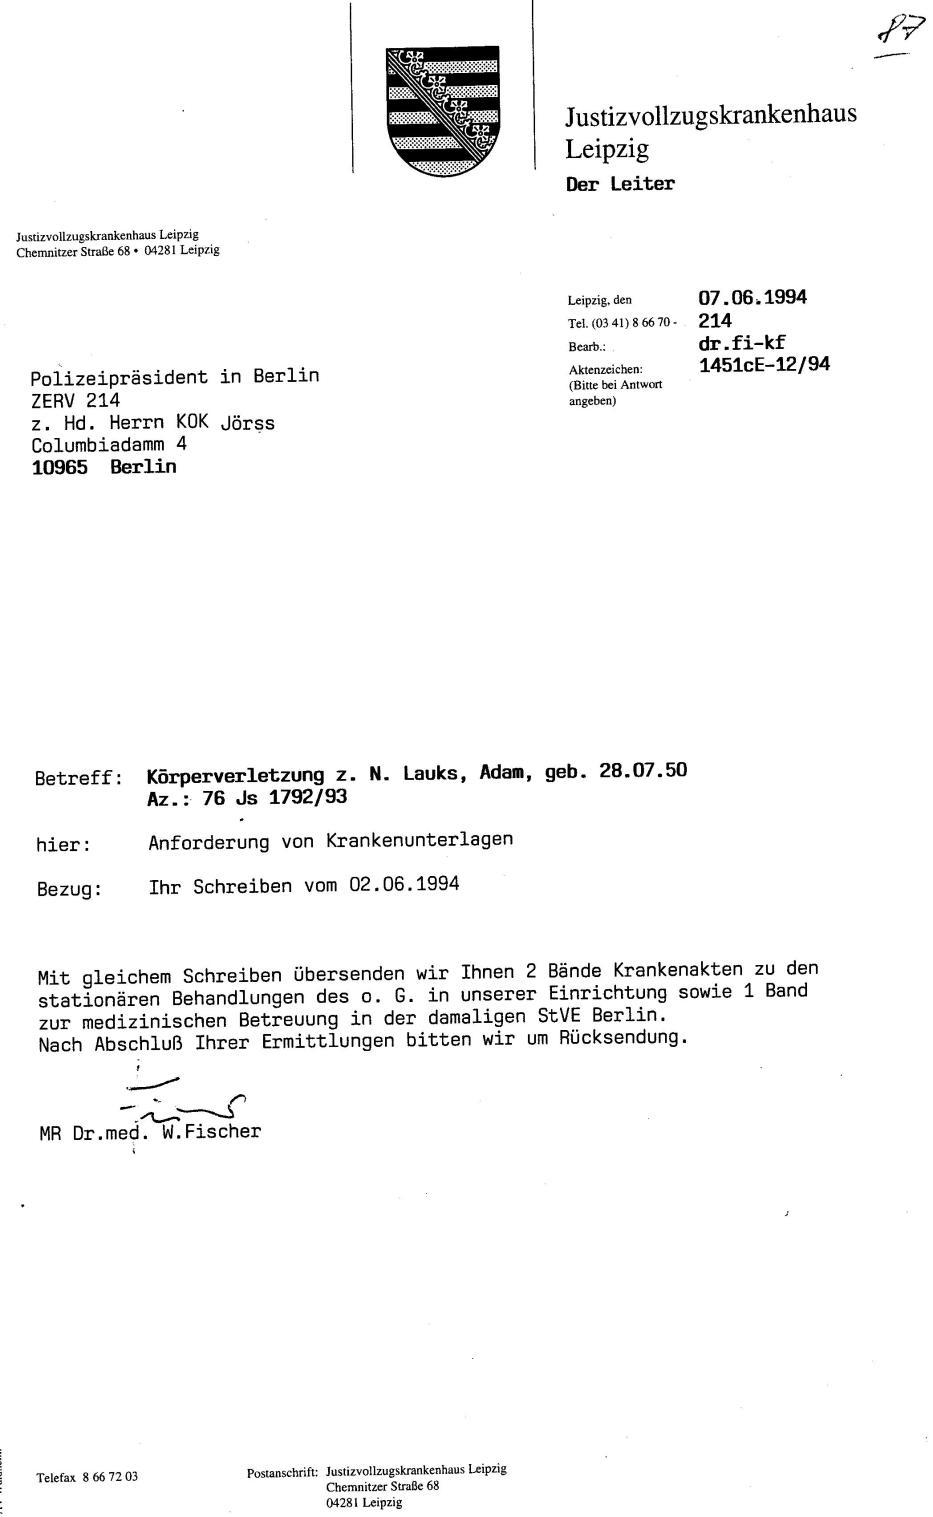 30 Js 1792 93 Ermittlungsverfahren der Staatsanwaltschaft II Bln 039